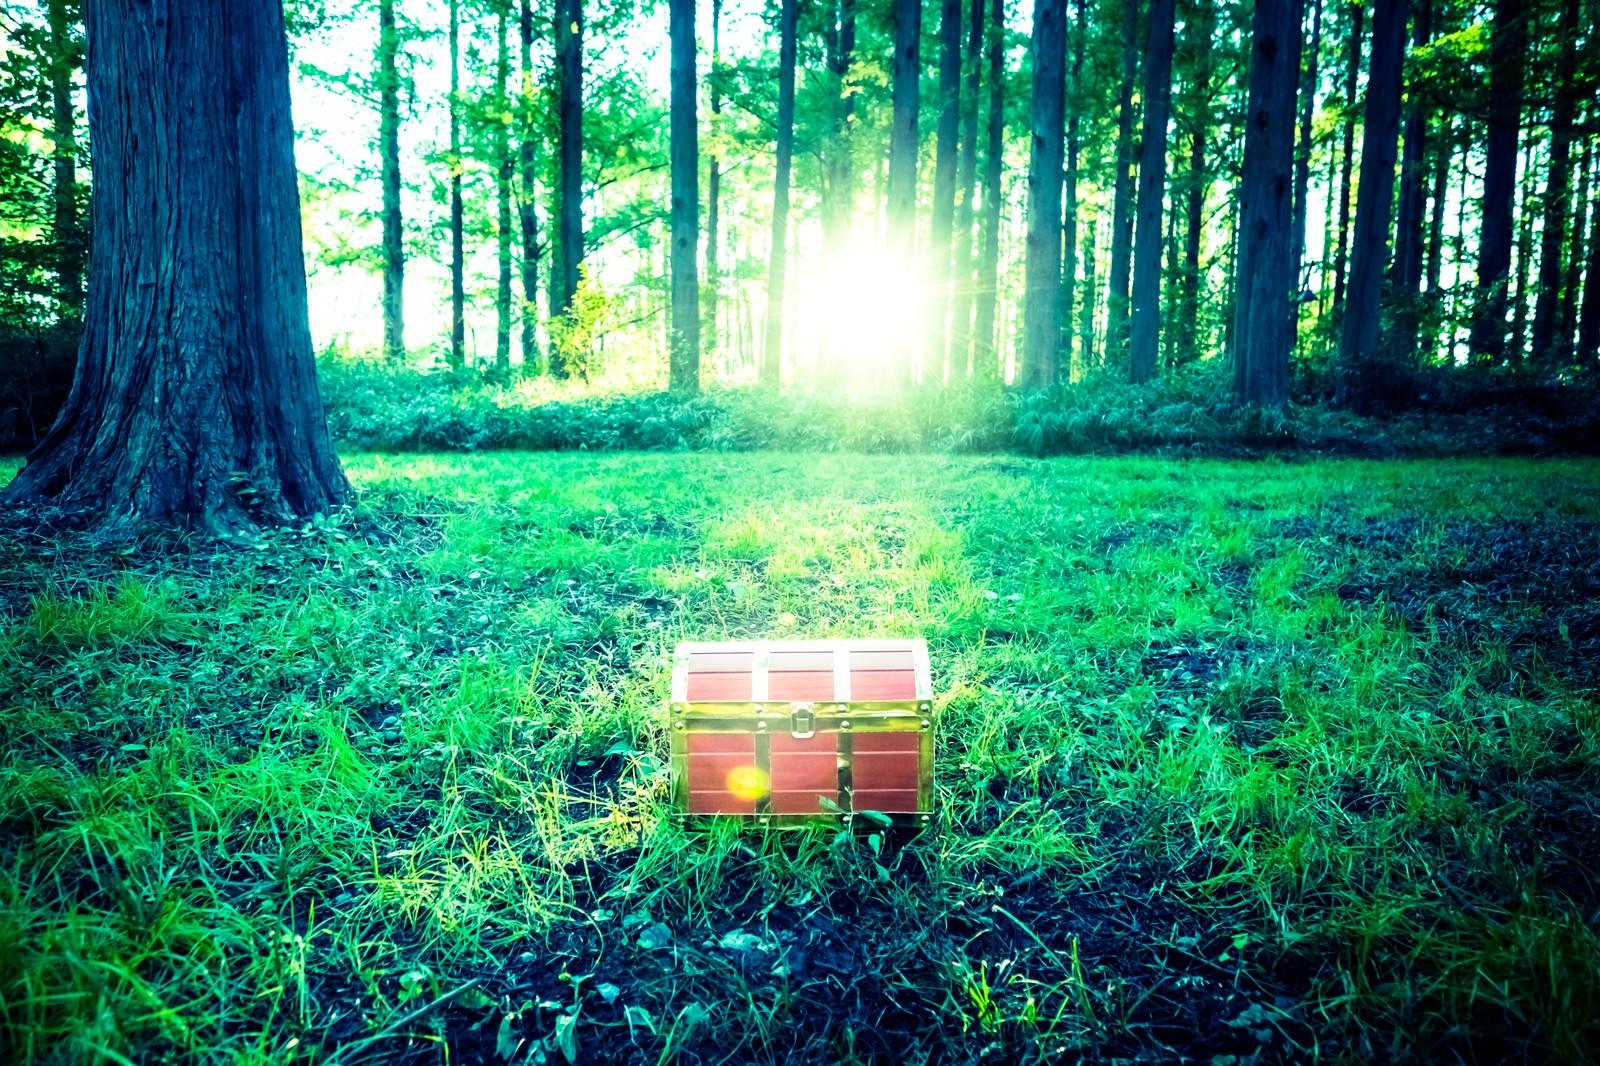 「勇者は森の中で宝箱を見つけた!勇者は森の中で宝箱を見つけた!」のフリー写真素材を拡大